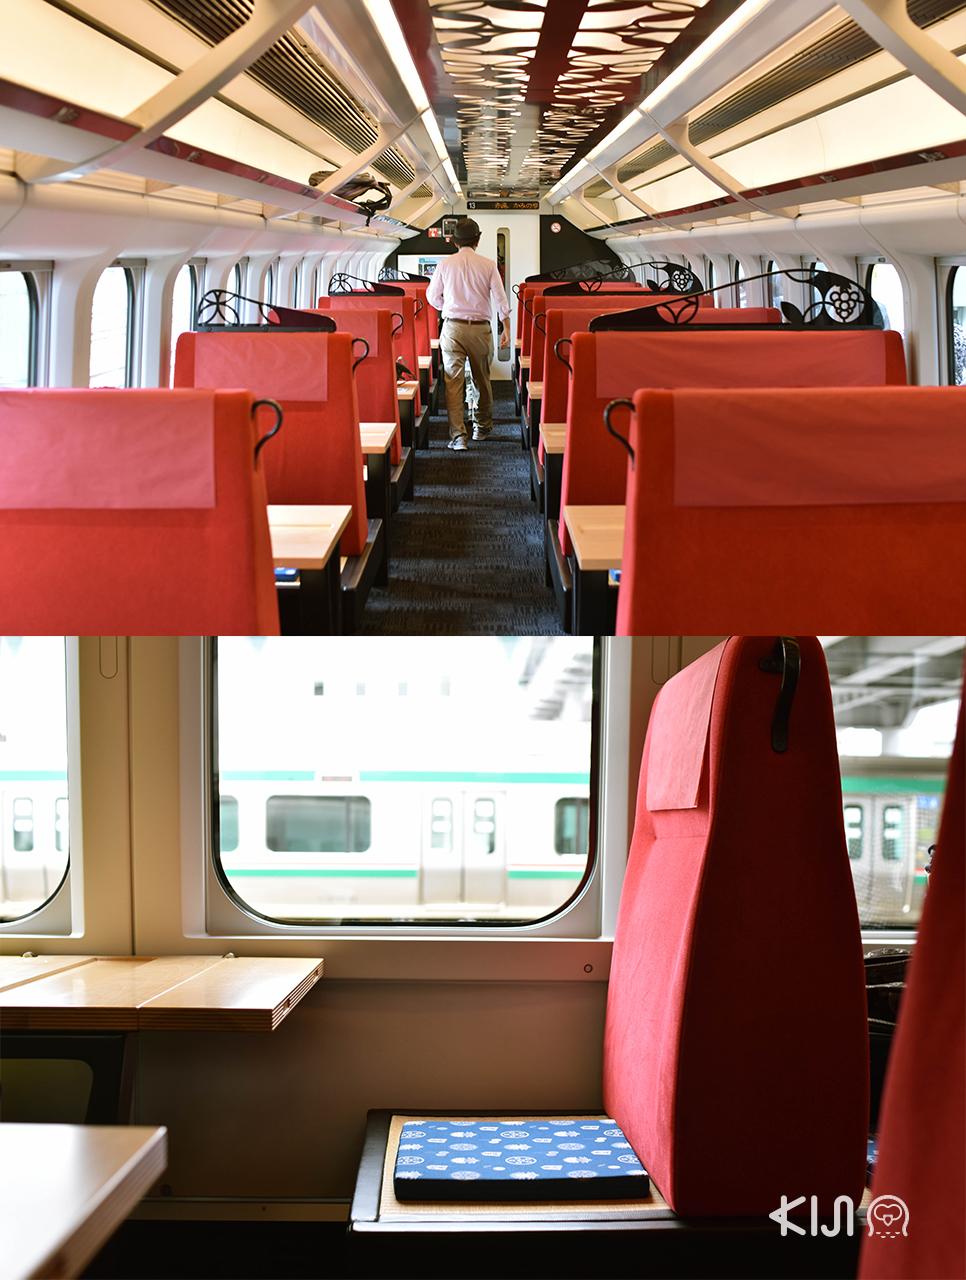 JR East Pass Tohoku area : บรรยากาศภายในตู้โดยสาร 1-4 ของขบวนรถไฟ Toreiyu Tsubasa